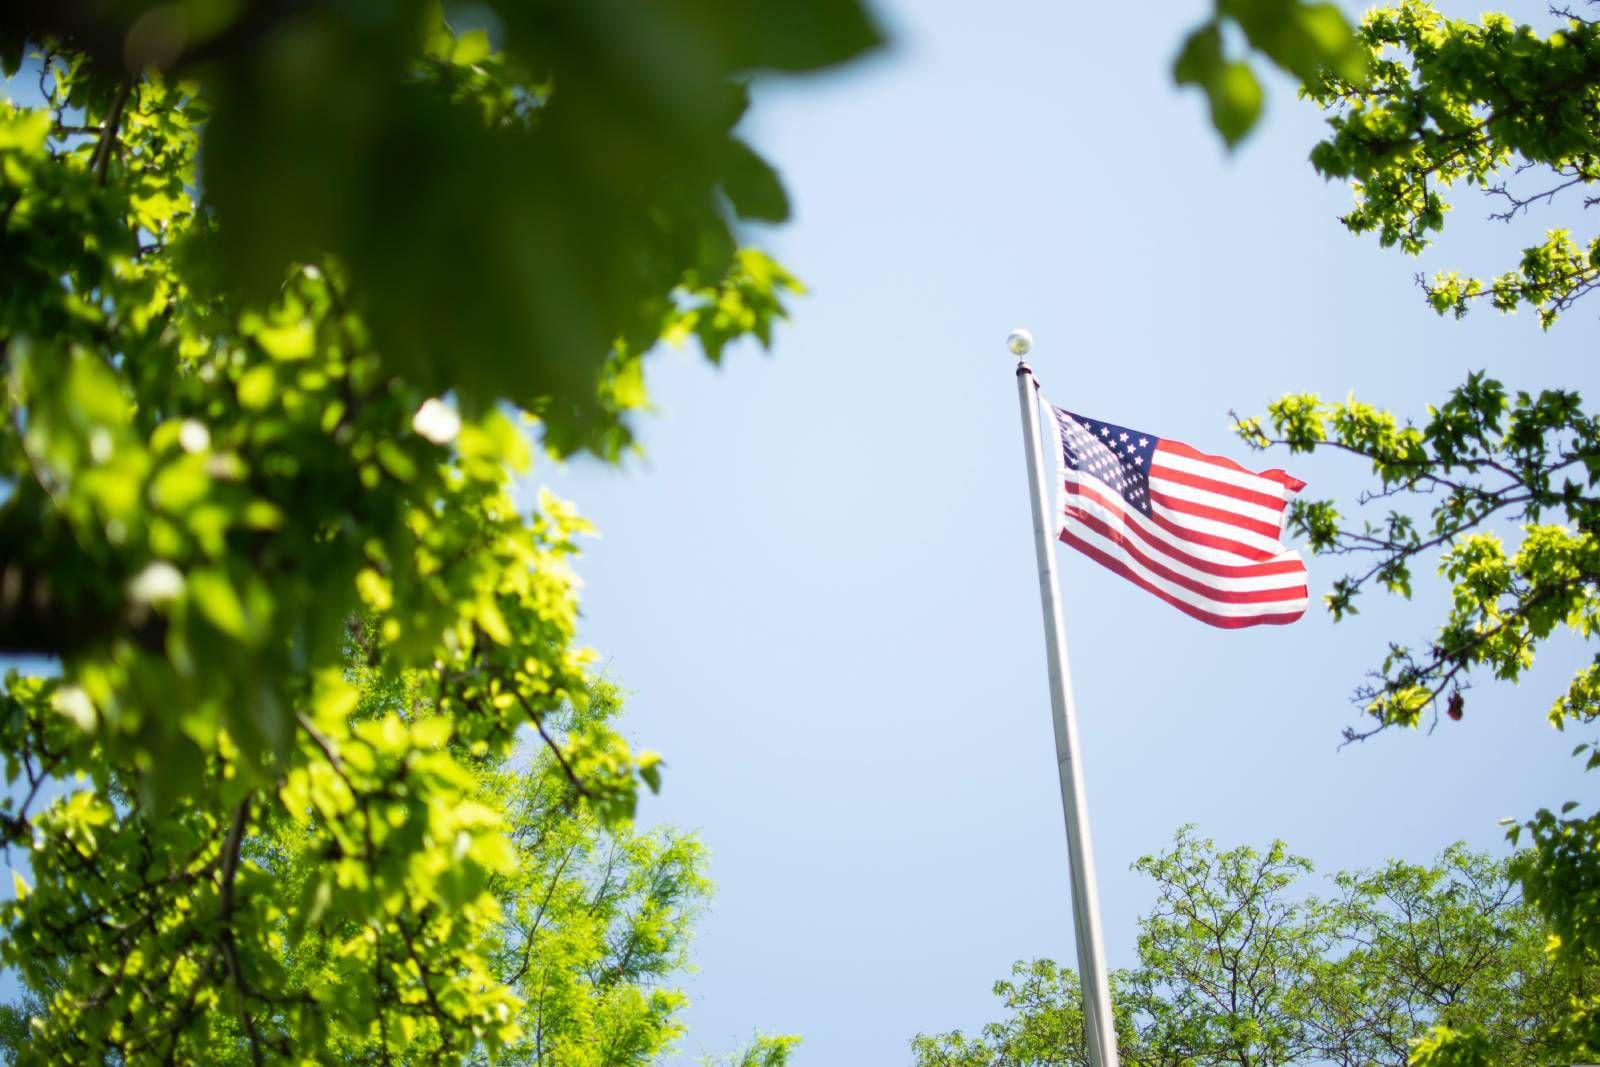 Le drapeau des États-Unis derrière des arbres.